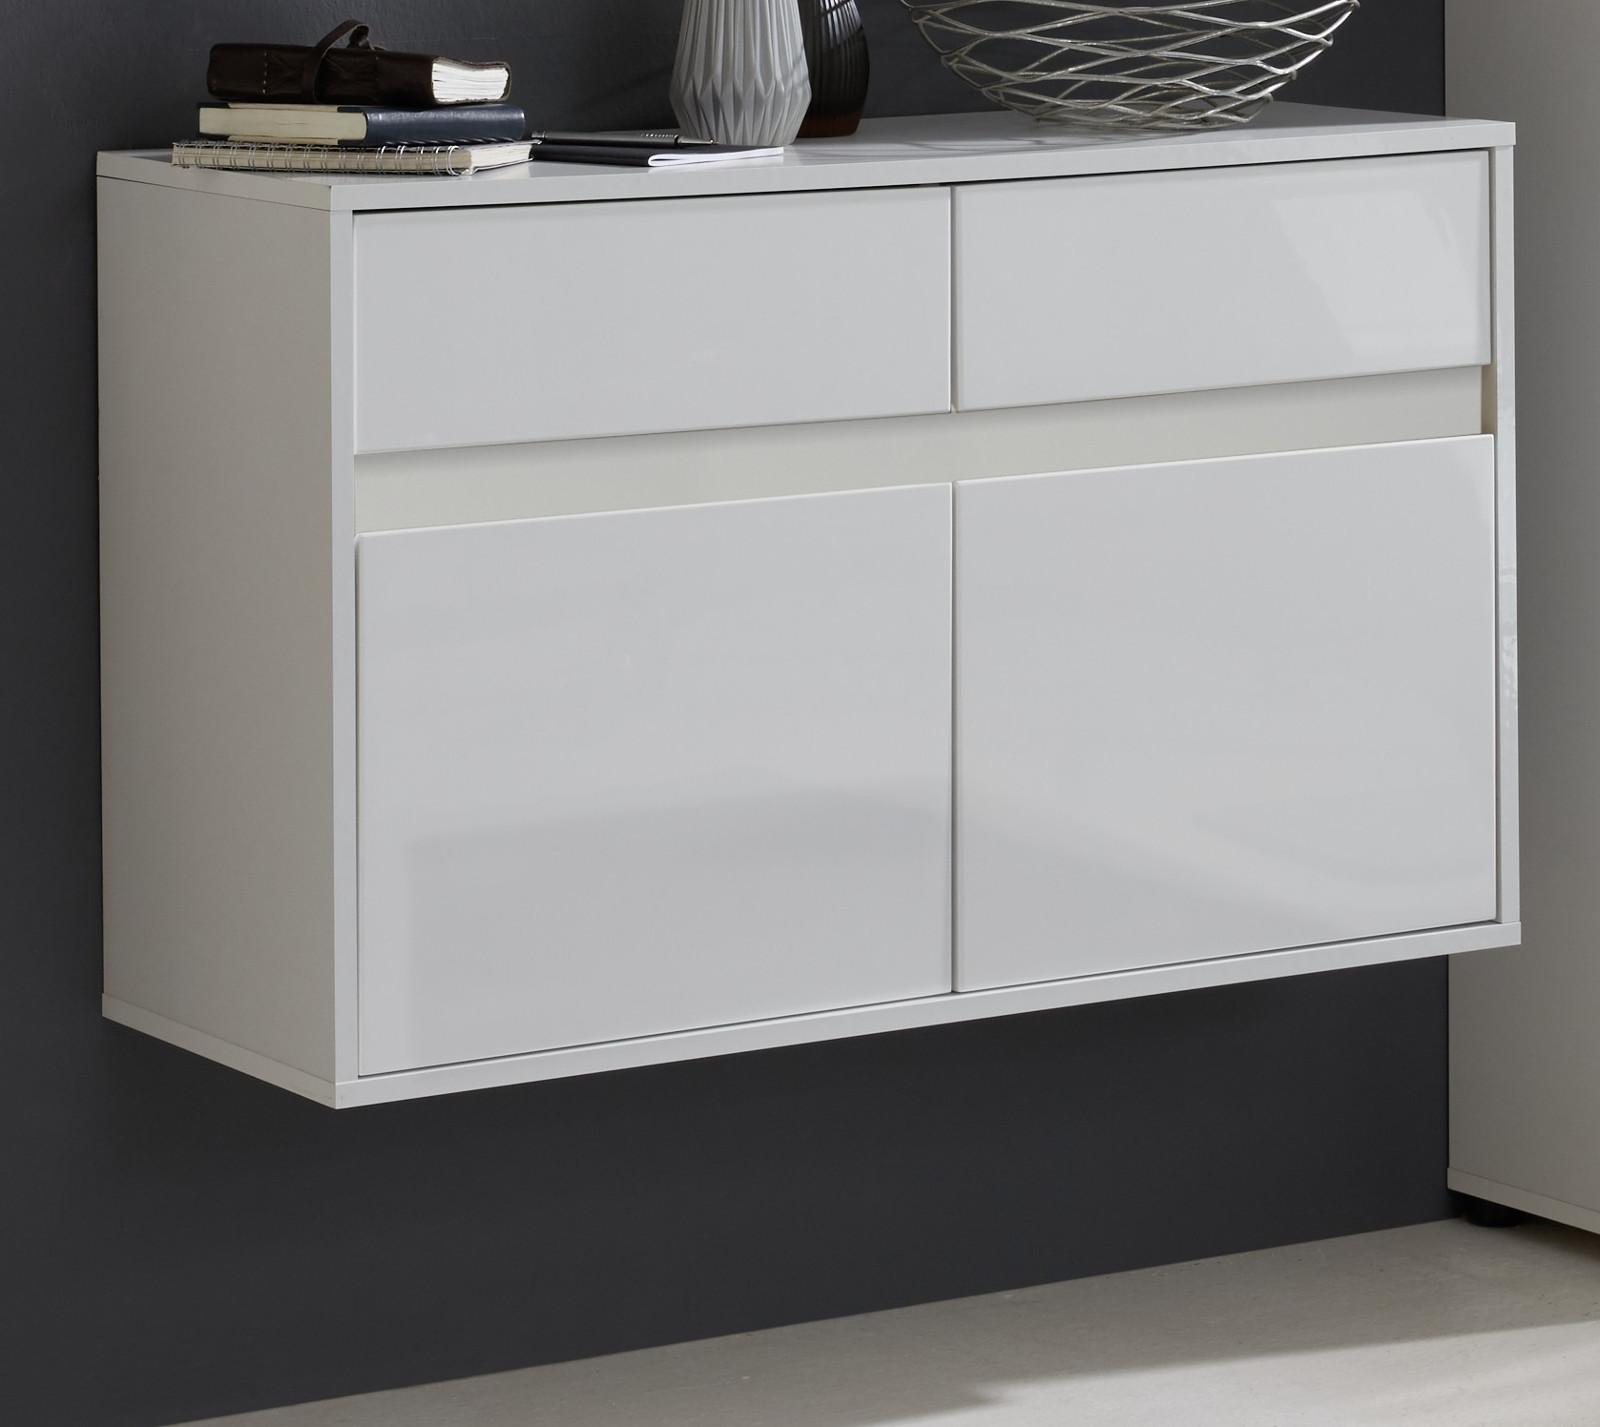 schuhschrank sol hochglanz wei und matt wei 97x60 cm. Black Bedroom Furniture Sets. Home Design Ideas